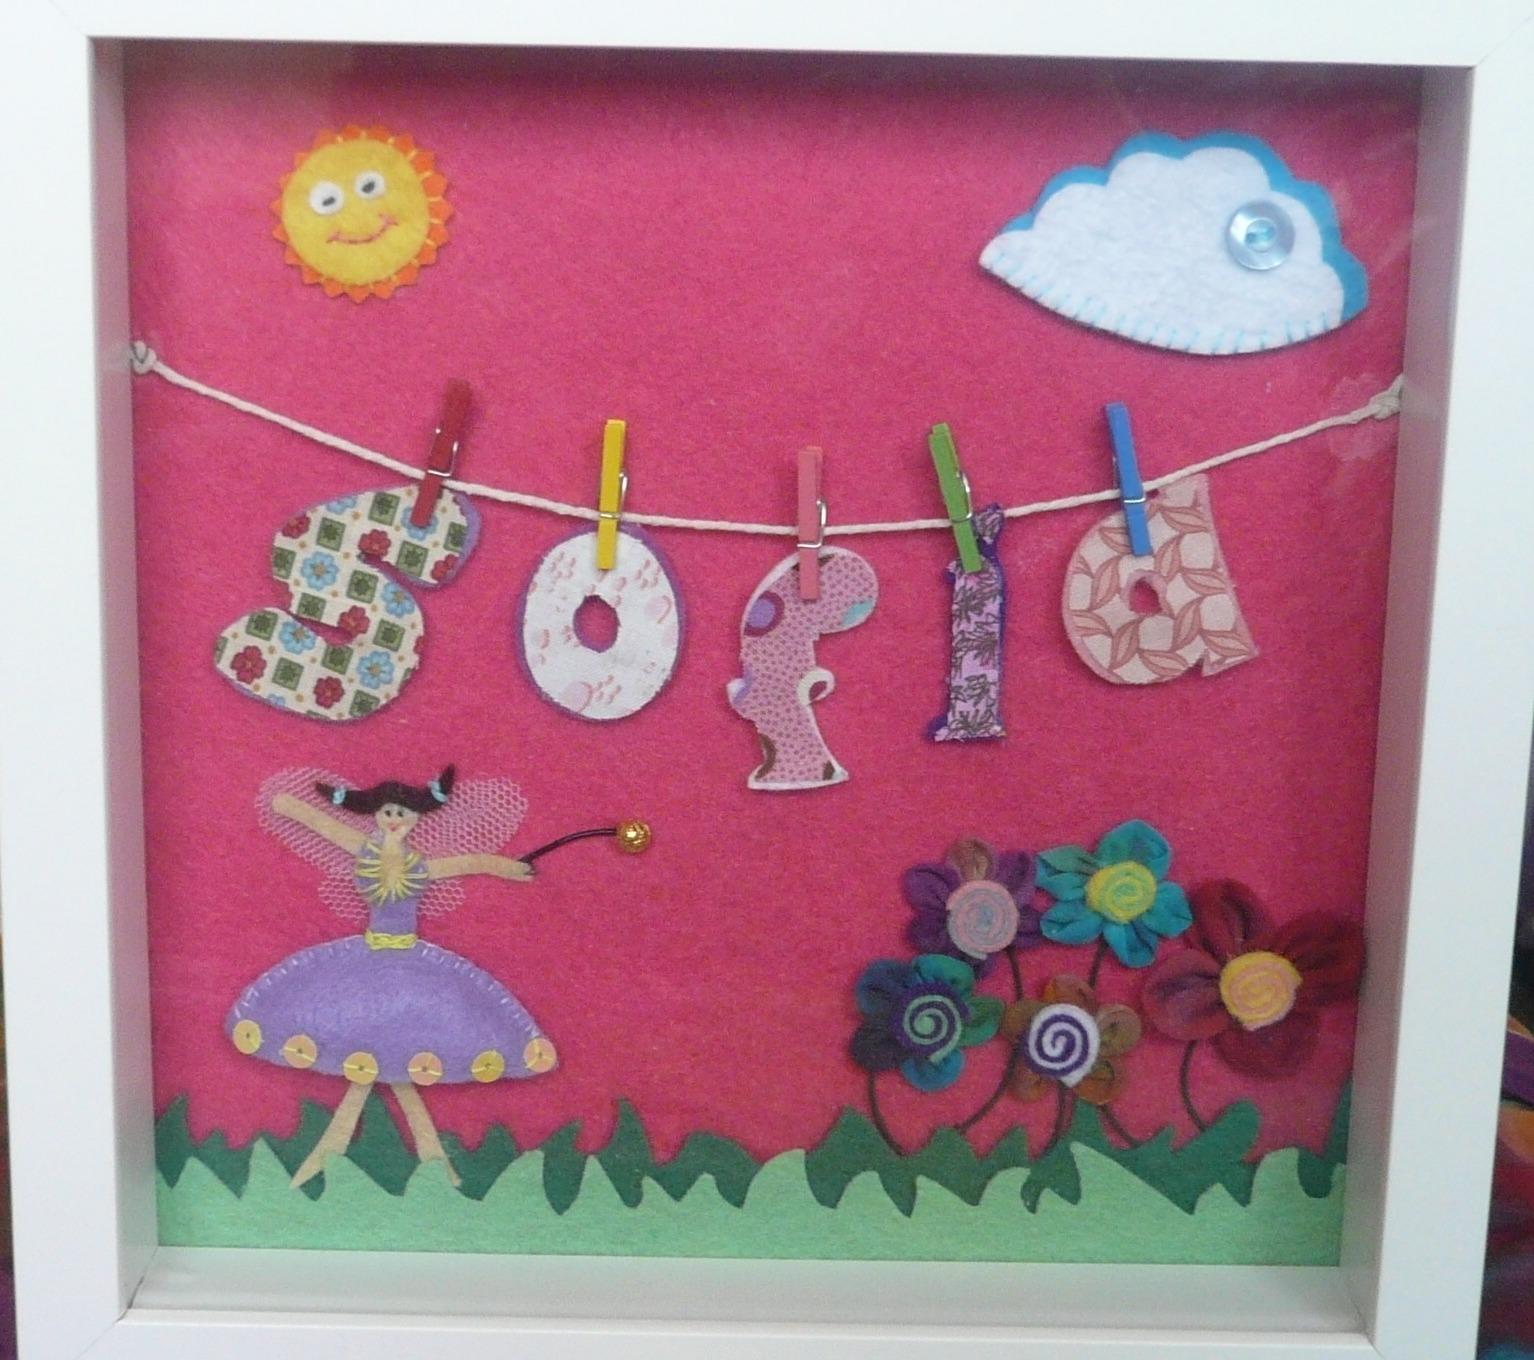 Laudeefes cuadros infantiles personalizados - Cuadros fotos personalizados ...